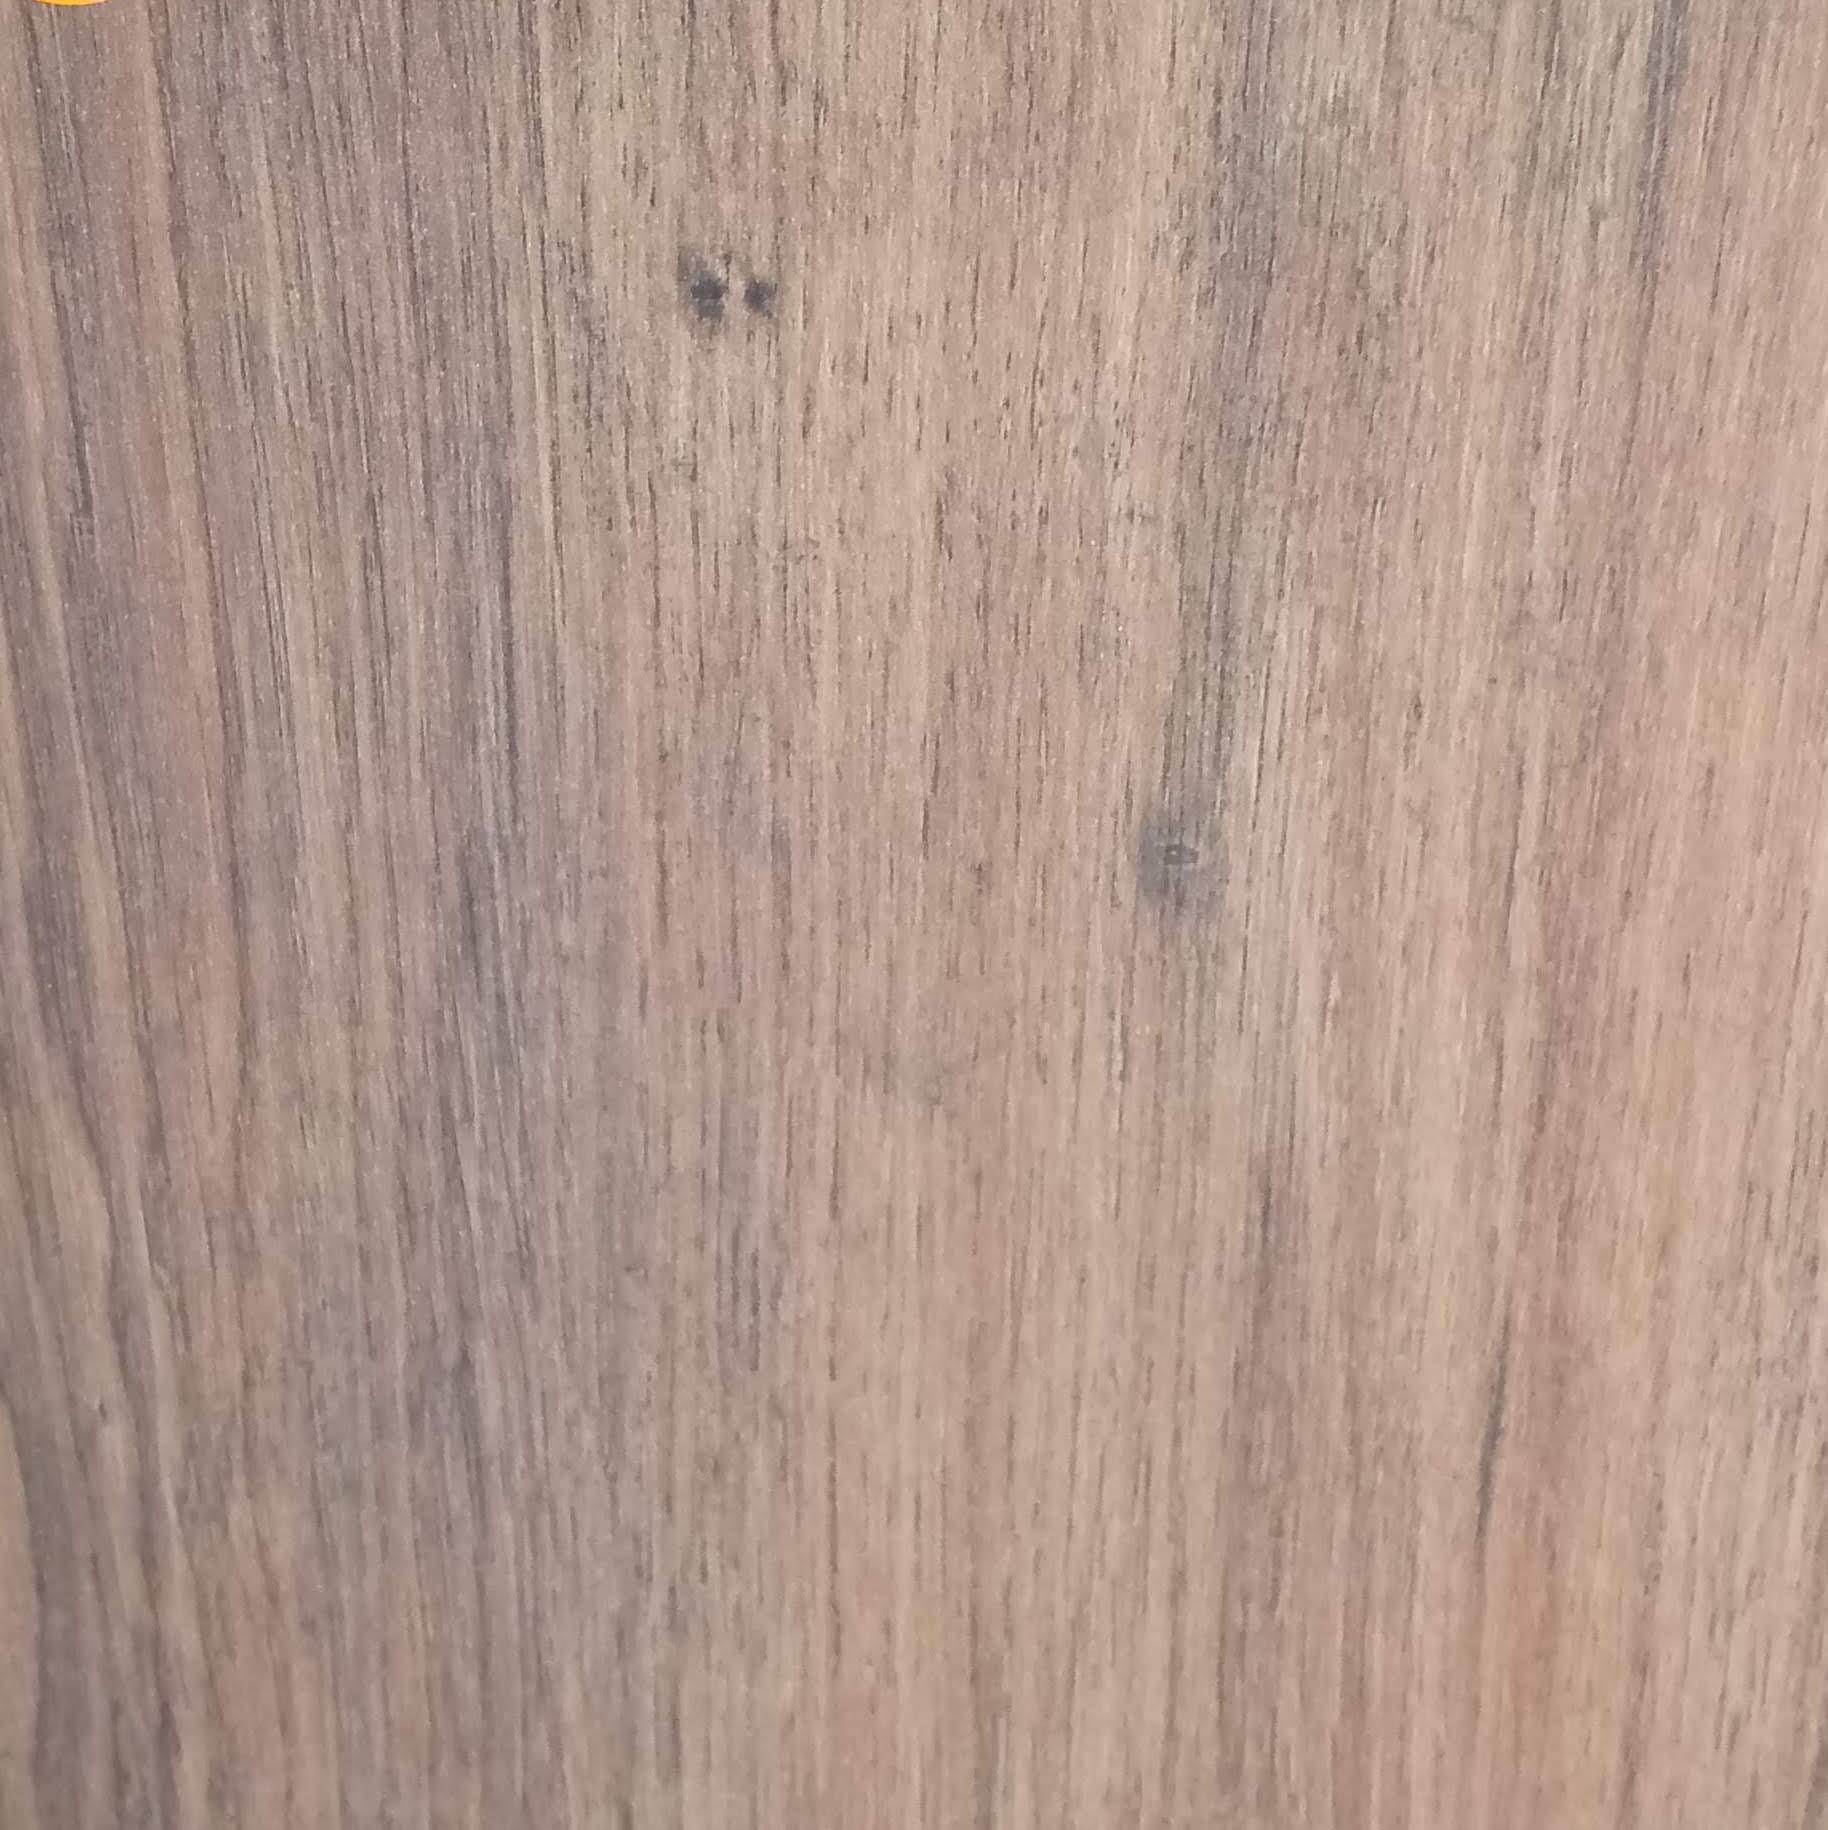 Rustic Oak Natural Blonde 272